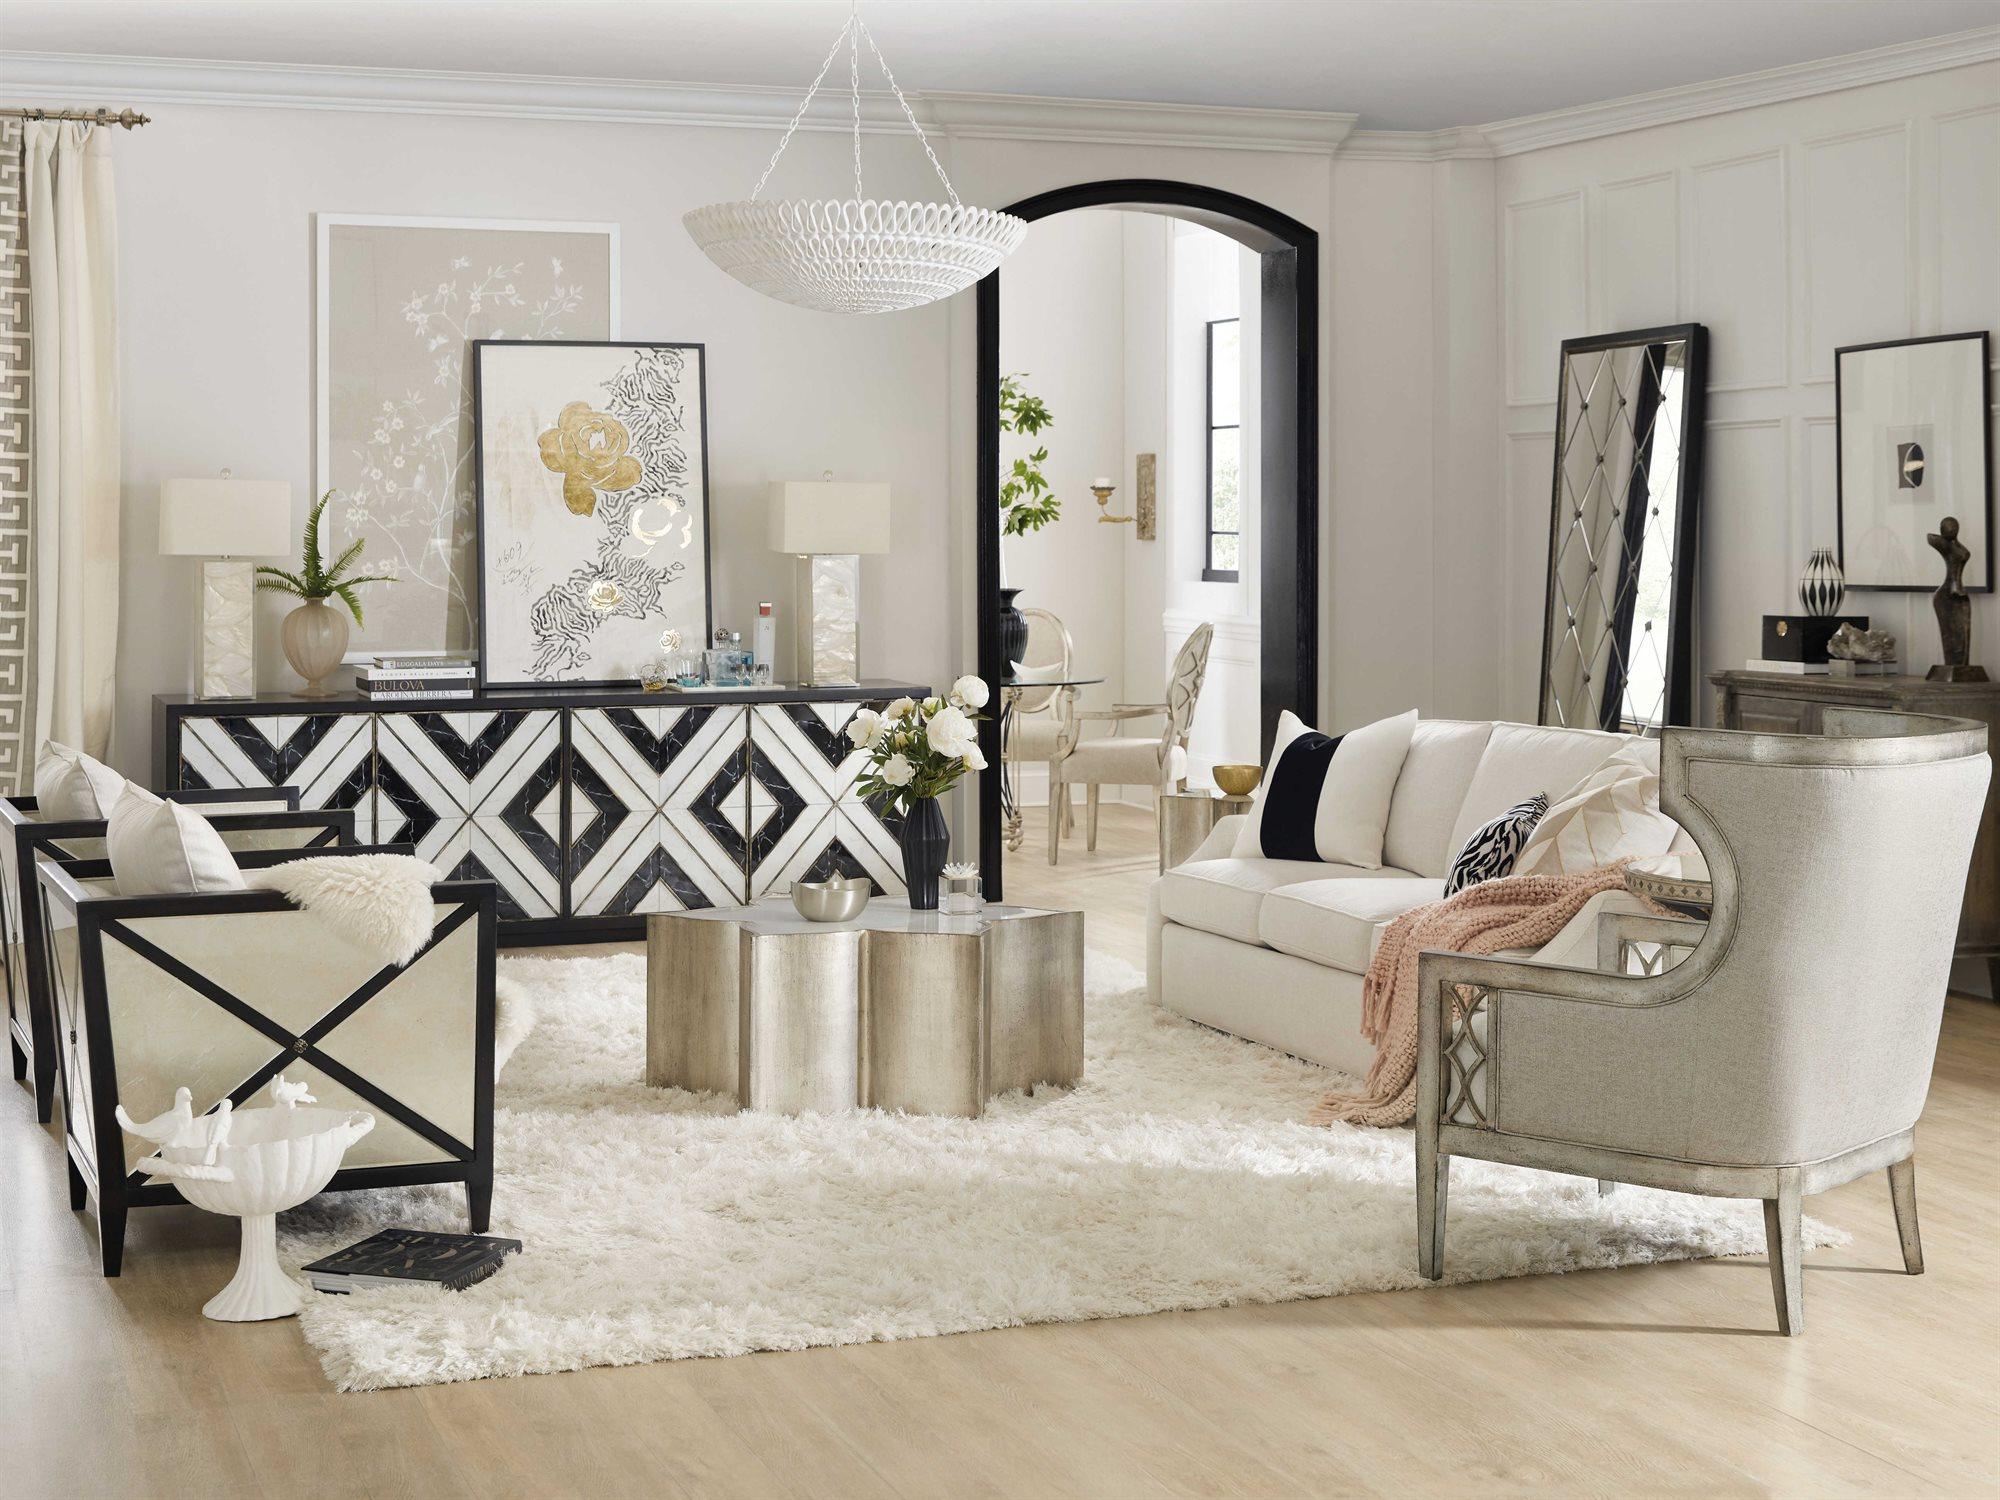 Hooker Furniture Sanctuary 2 Living Room Set